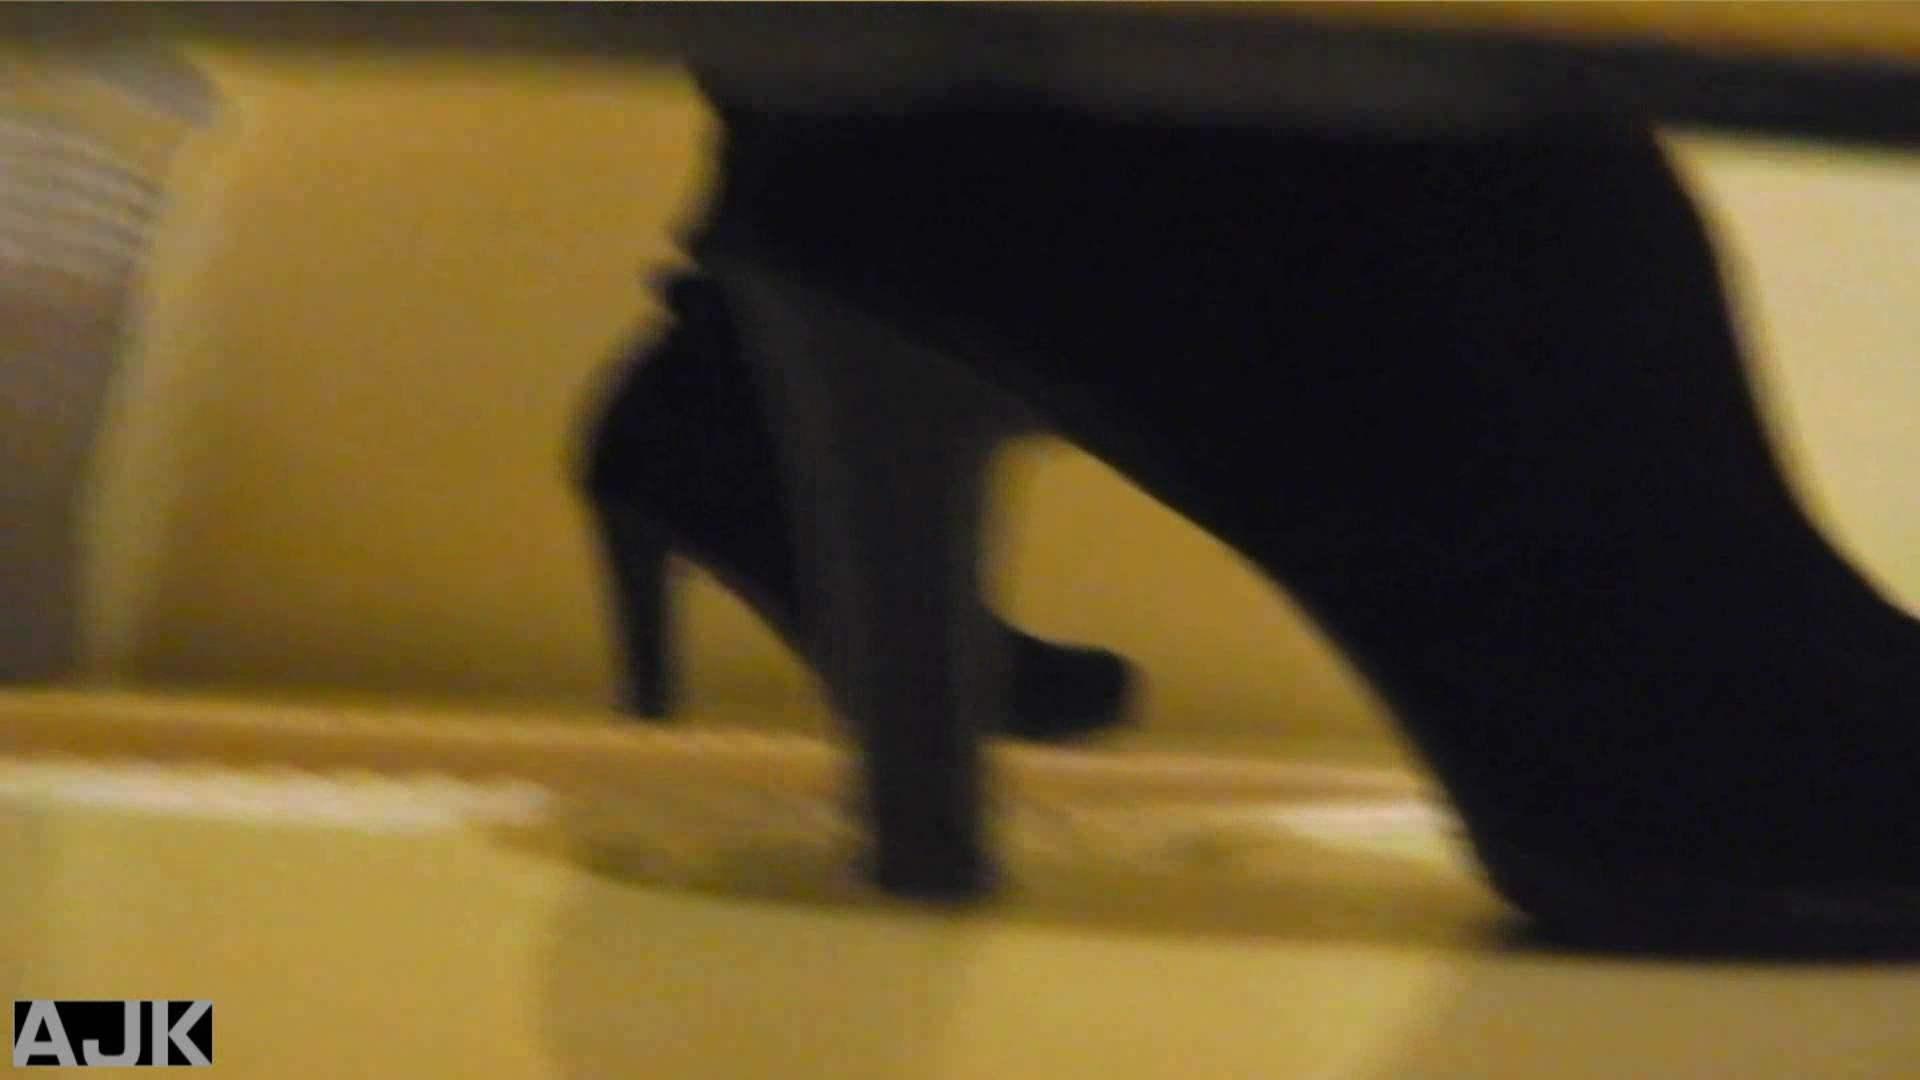 隣国上階級エリアの令嬢たちが集うデパートお手洗い Vol.26 OL  87pic 3